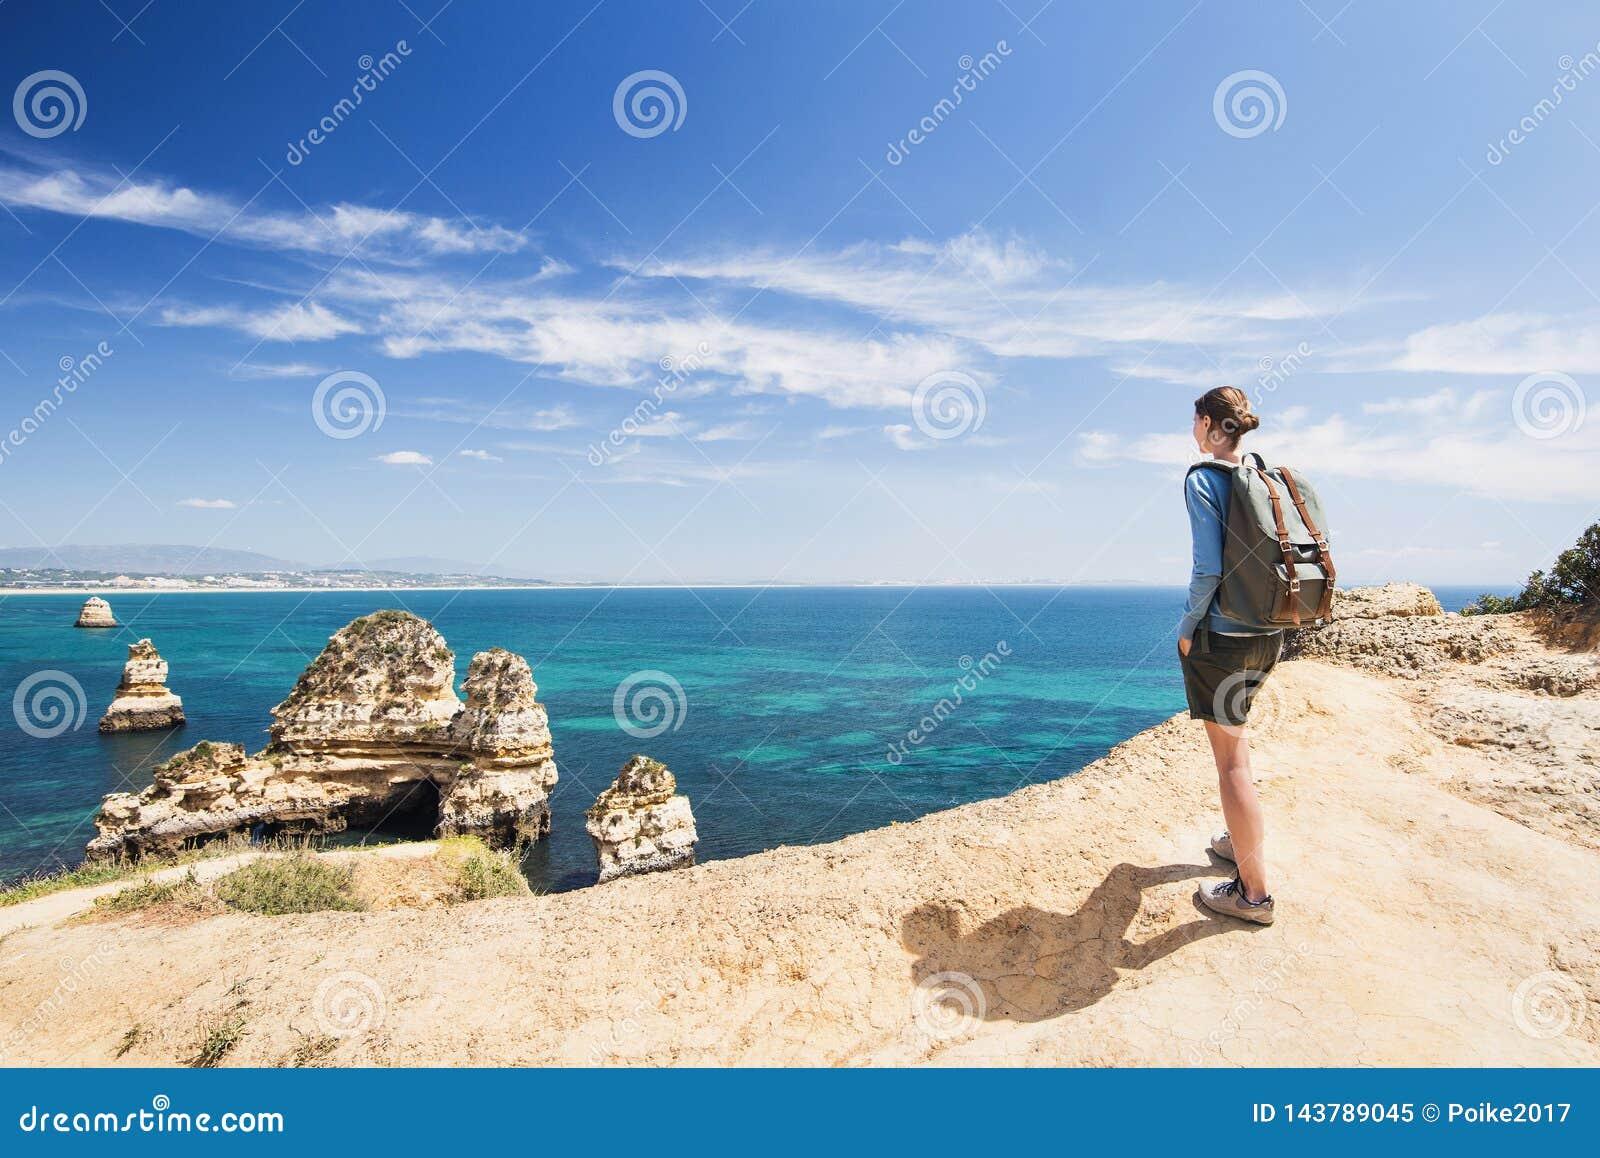 Viaggiatore della giovane donna che esamina il mare nella citt? di Lagos, regione di Algarve, Portogallo concetto di stile di vit